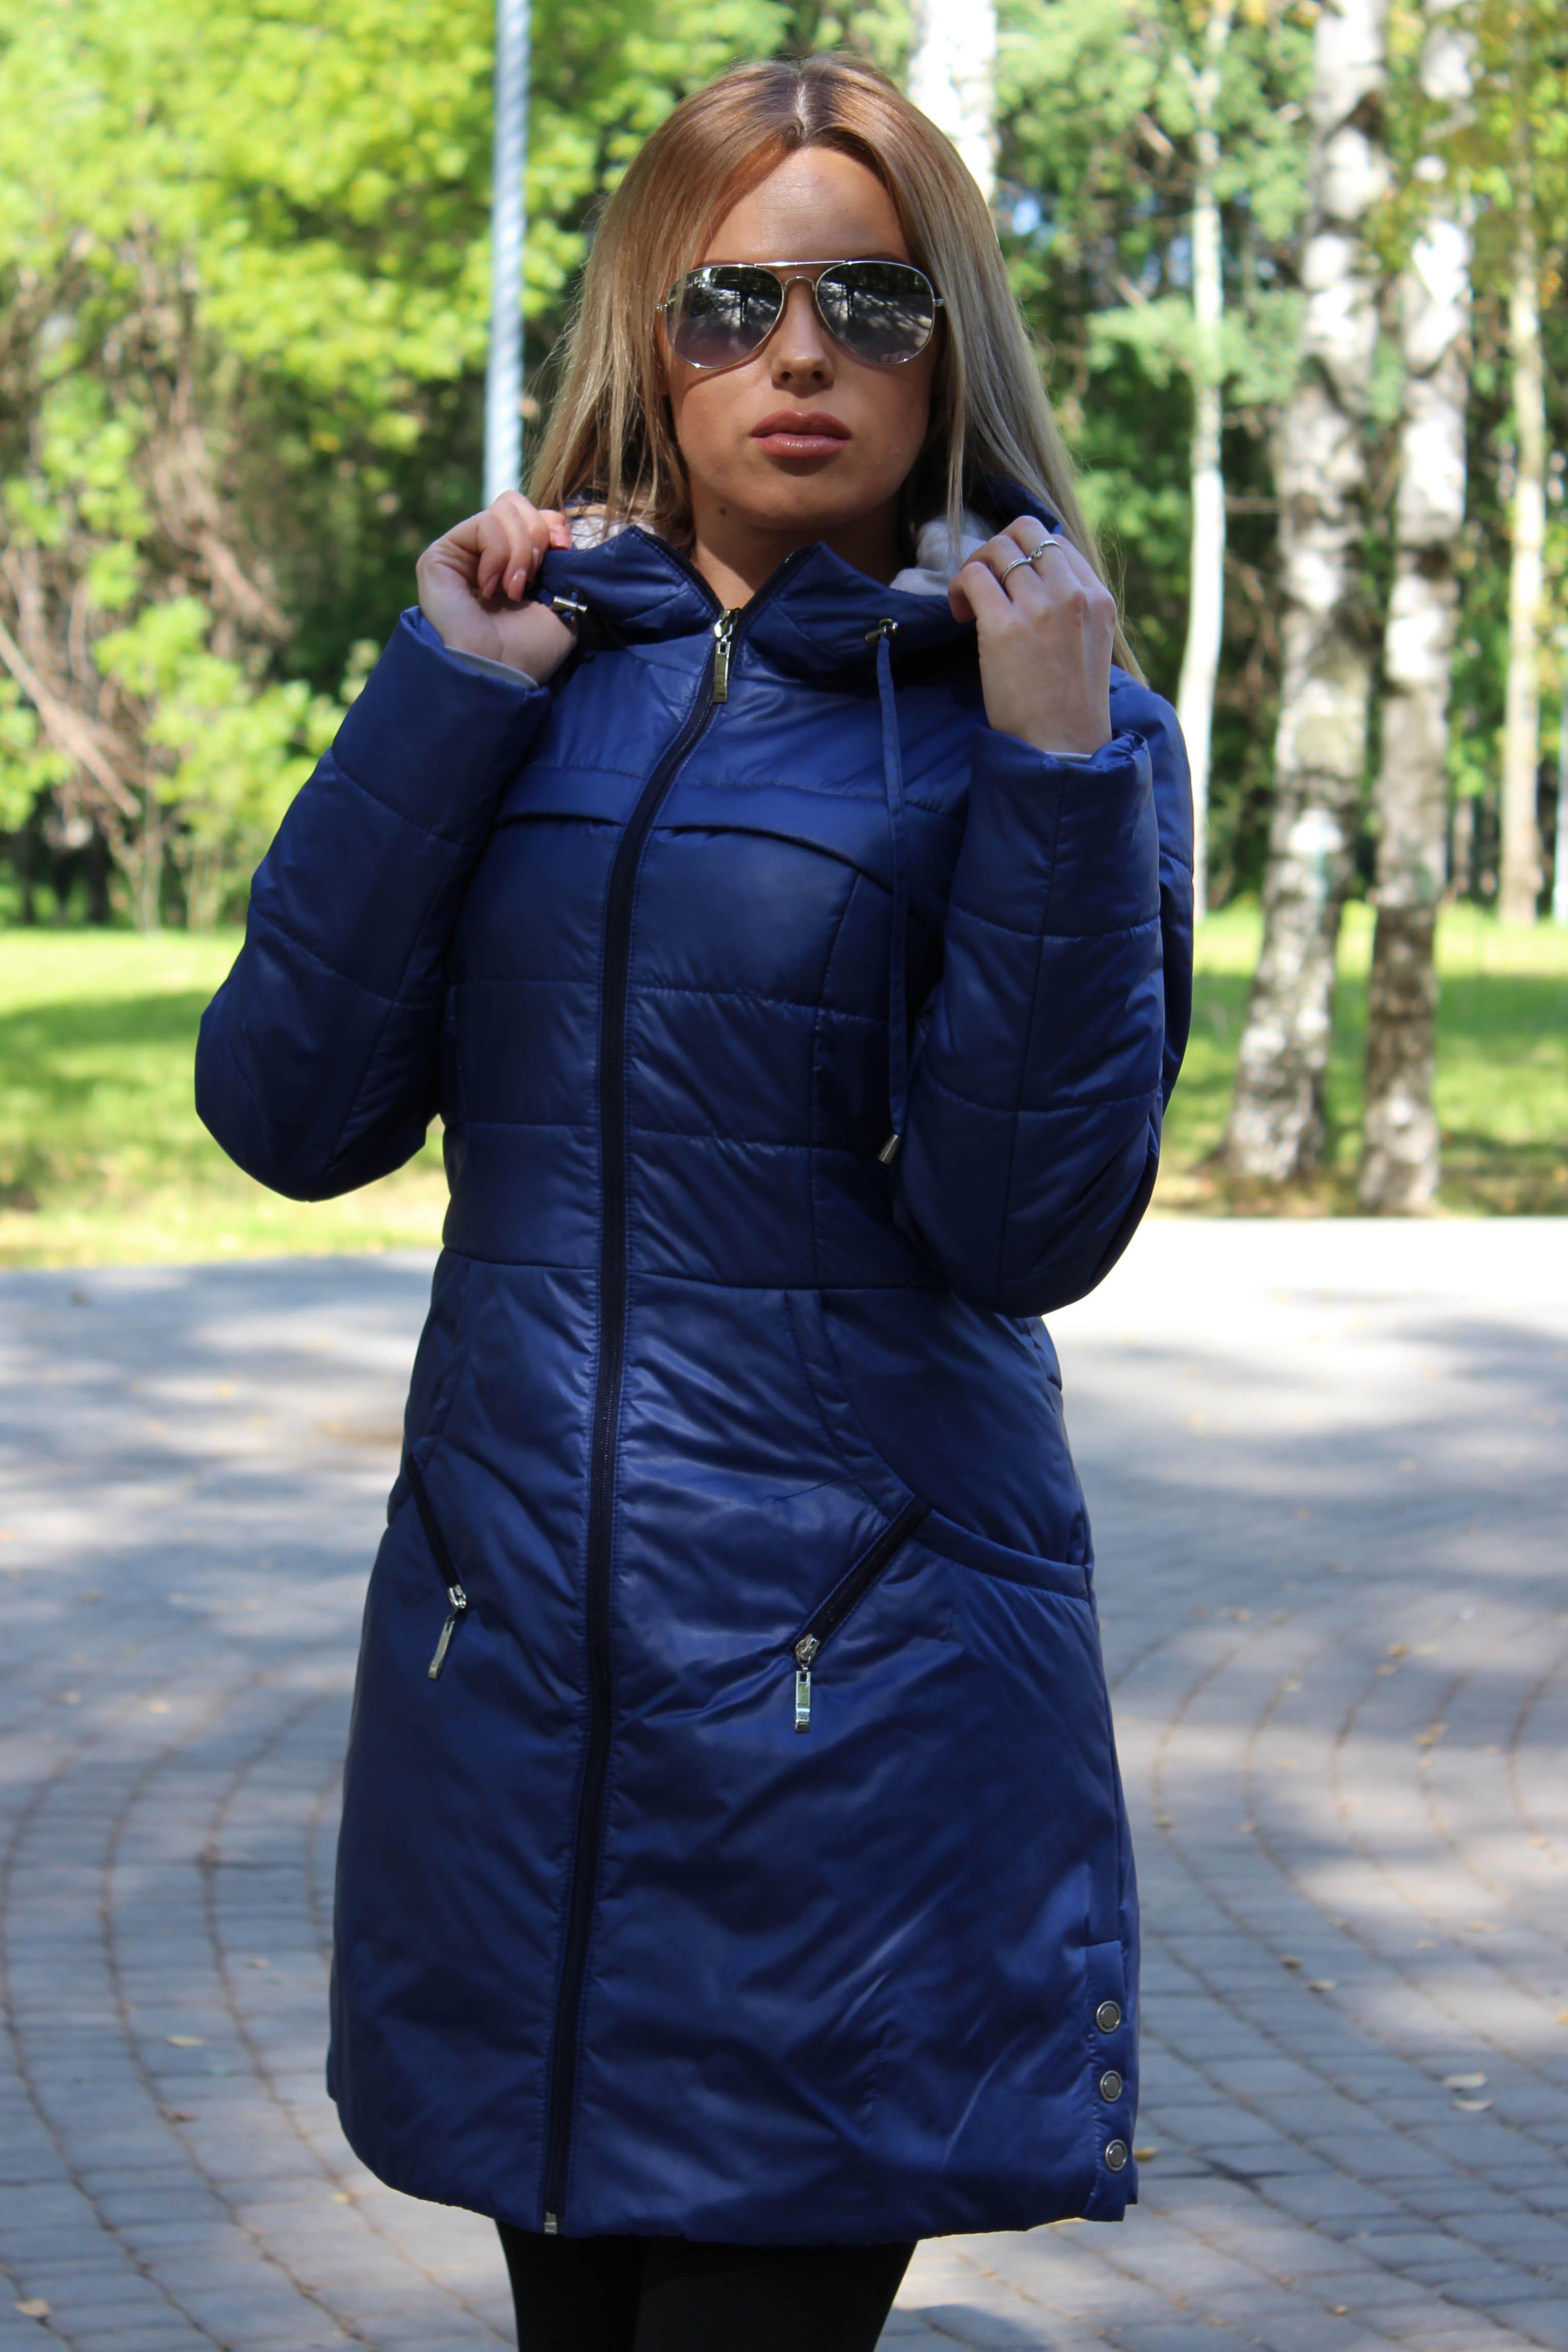 КурткаКуртки<br>Осенняя курточка со стоячим воротником, застежкой молнией и капюшоном. Модель выполнена из плотной болоньи. Отличный выбор для повседневного гардероба.  Цвет: синий  Температурный режим: до -10 градусов.<br><br>Воротник: Стойка<br>Застежка: С молнией<br>По длине: Удлиненные<br>По материалу: Плащевая ткань<br>По образу: Город<br>По рисунку: Однотонные<br>По сезону: Весна,Осень<br>По силуэту: Полуприталенные<br>По стилю: Повседневный стиль<br>По форме: Куртка-парка<br>По элементам: С воротником,С капюшоном,С карманами,С подкладом<br>Рукав: Длинный рукав<br>Размер : 42<br>Материал: Болонья<br>Количество в наличии: 1